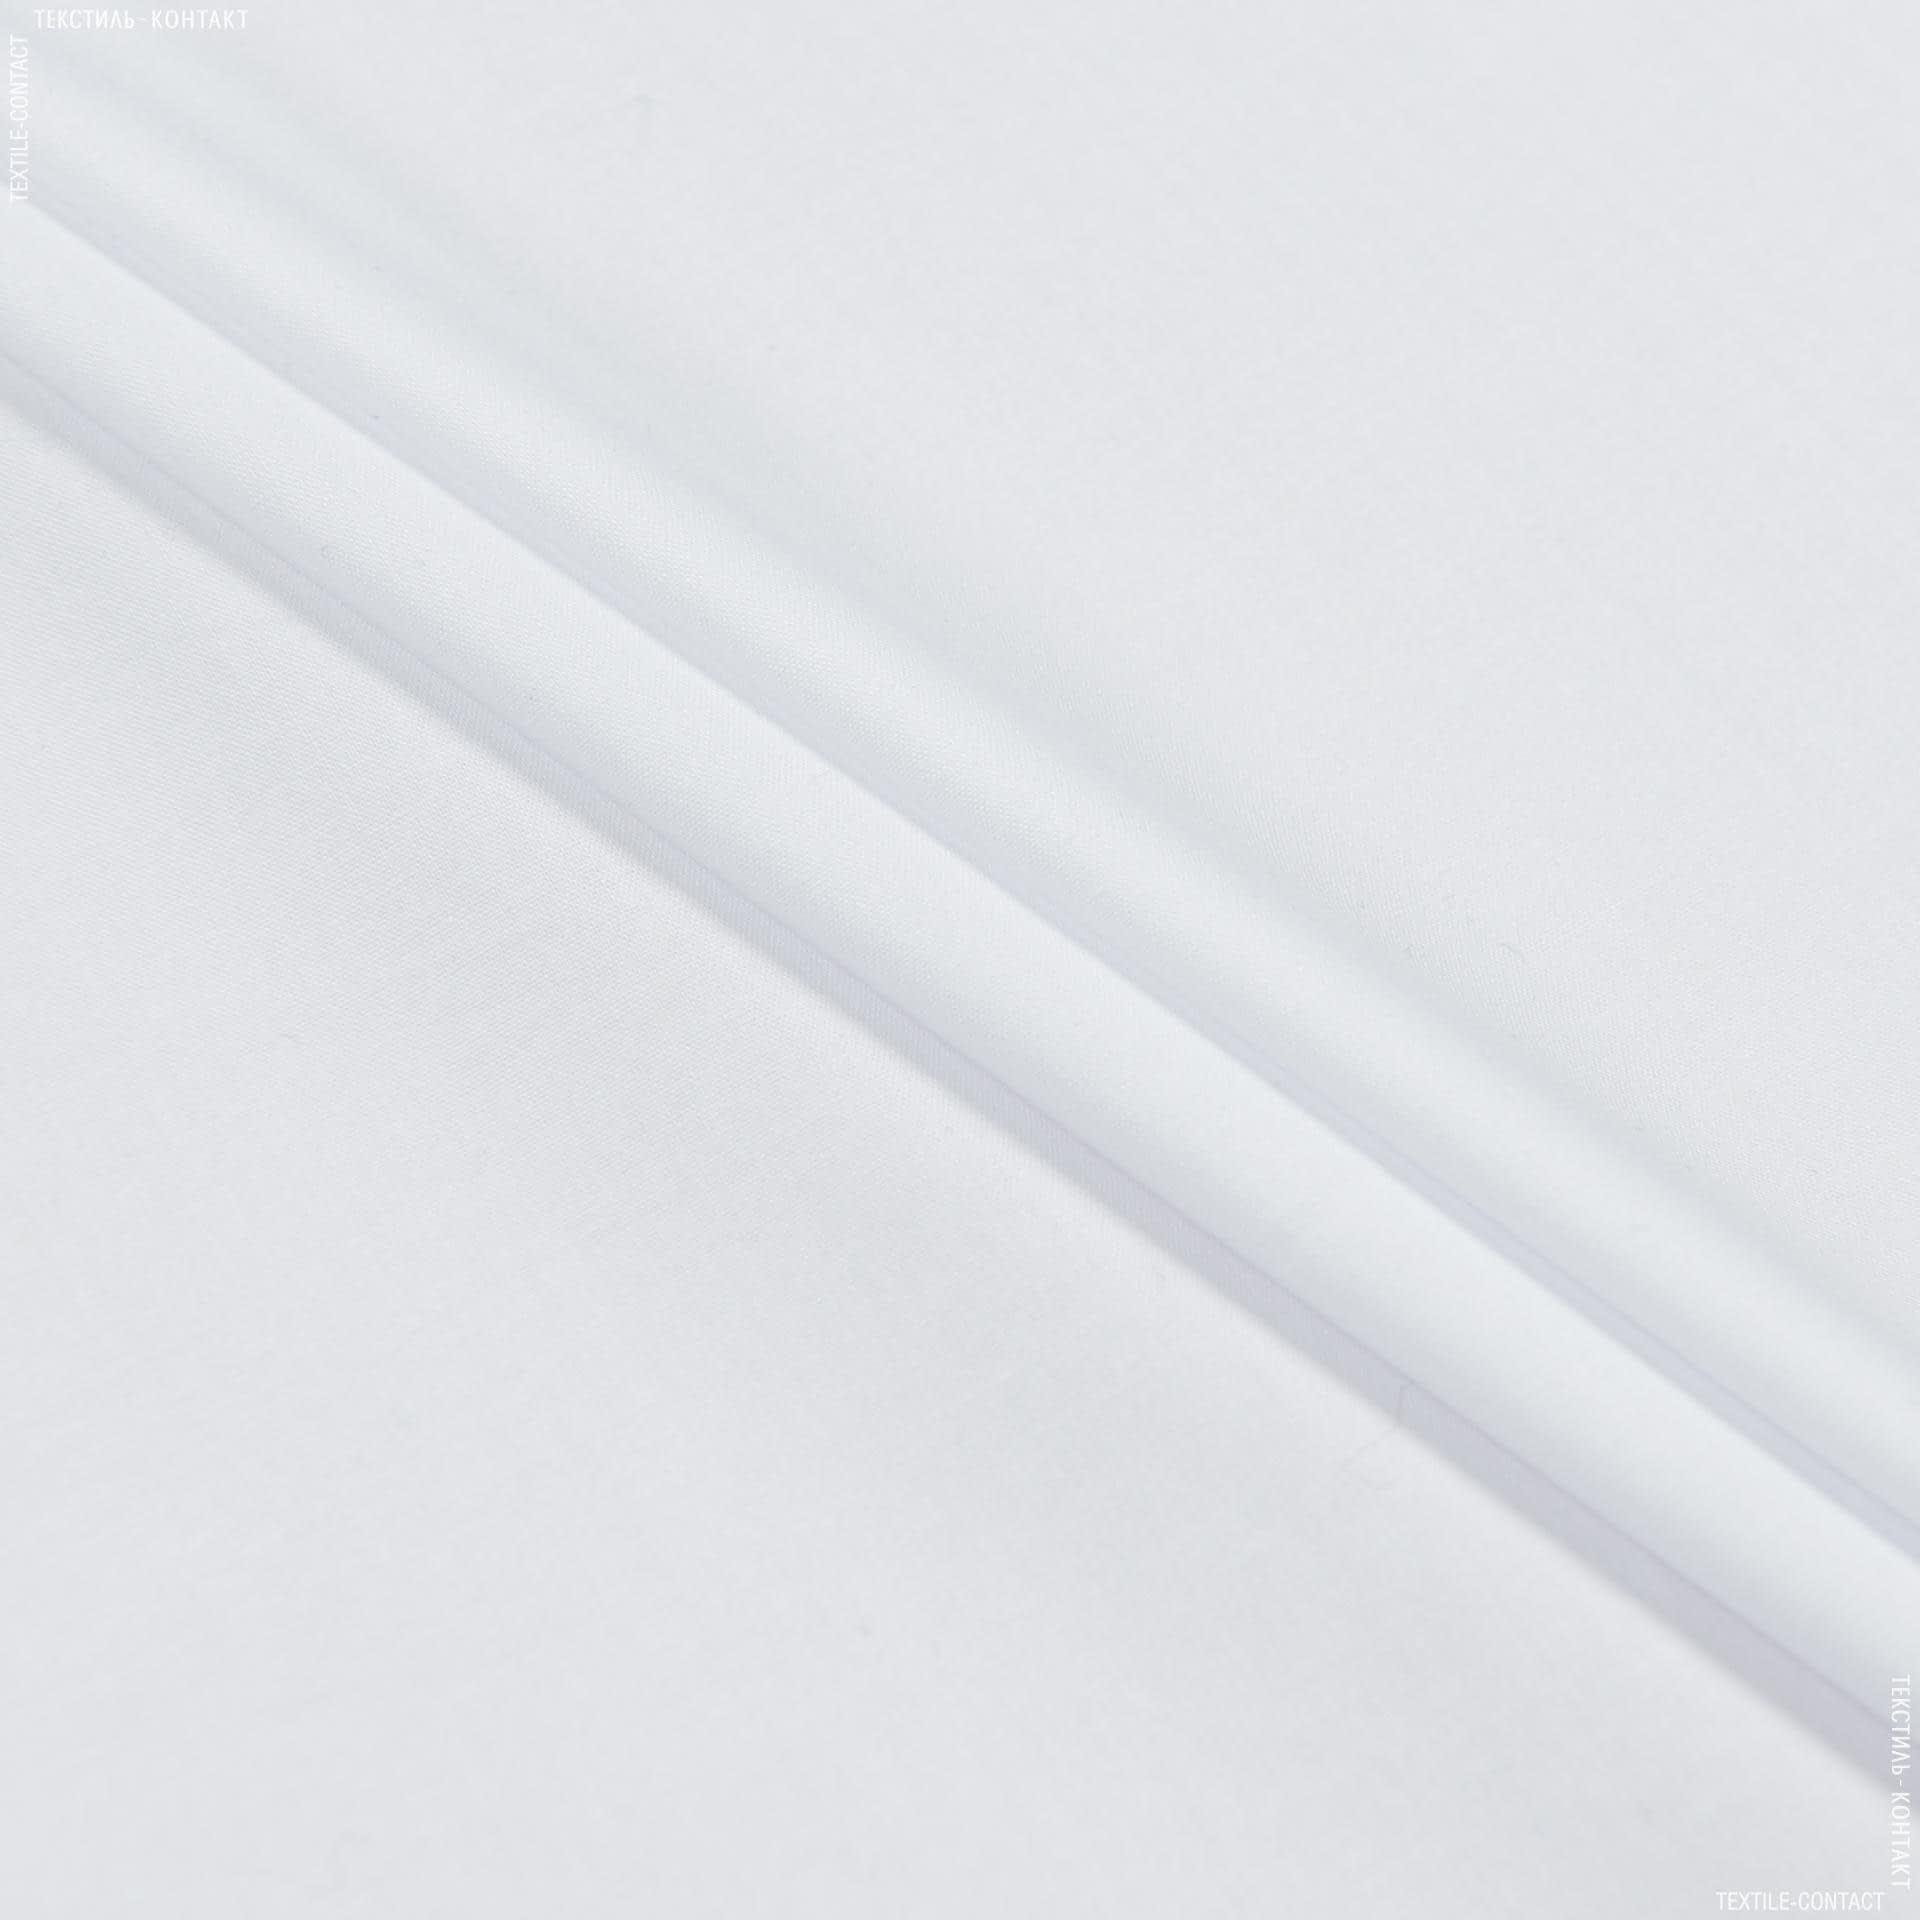 Ткани для платков и бандан - Сорочечная коттон белый